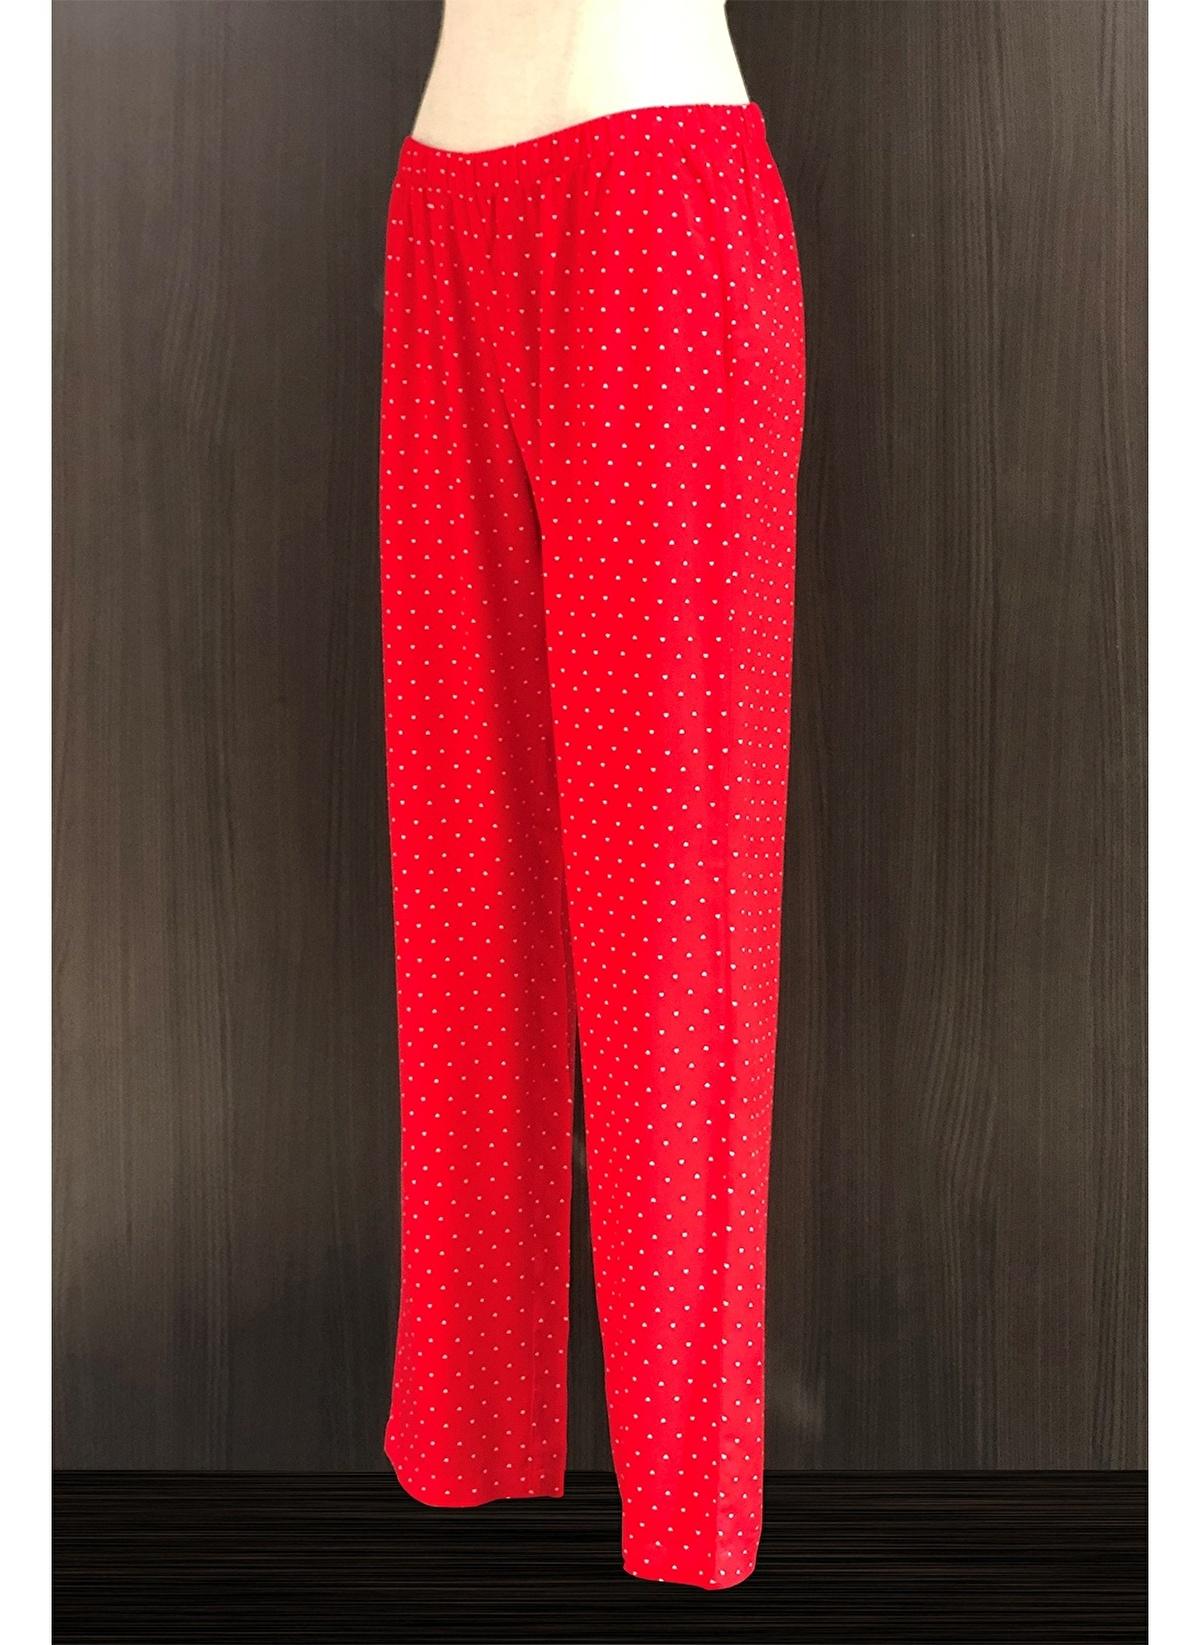 Hays Kadın Kalp Baskılı Pijama Altı 19352-B131-Kadın-Kalp-Baskılı-Pijama-Alt